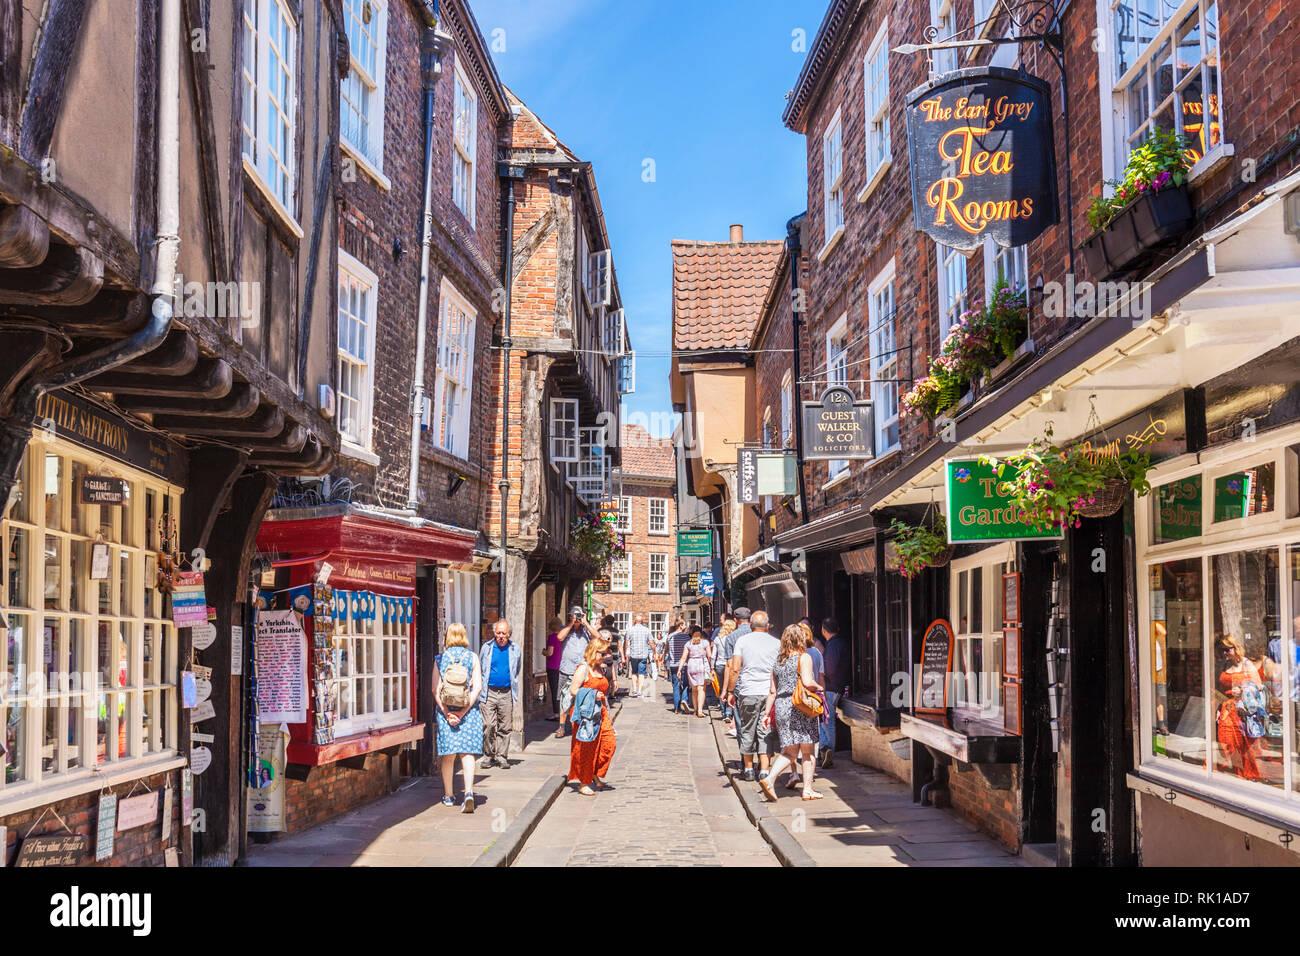 York Shambles turistas caminando por las ruinas de la callejuela de entramado de madera antiguos edificios medievales de York, Yorkshire, Inglaterra, GB Europa Imagen De Stock